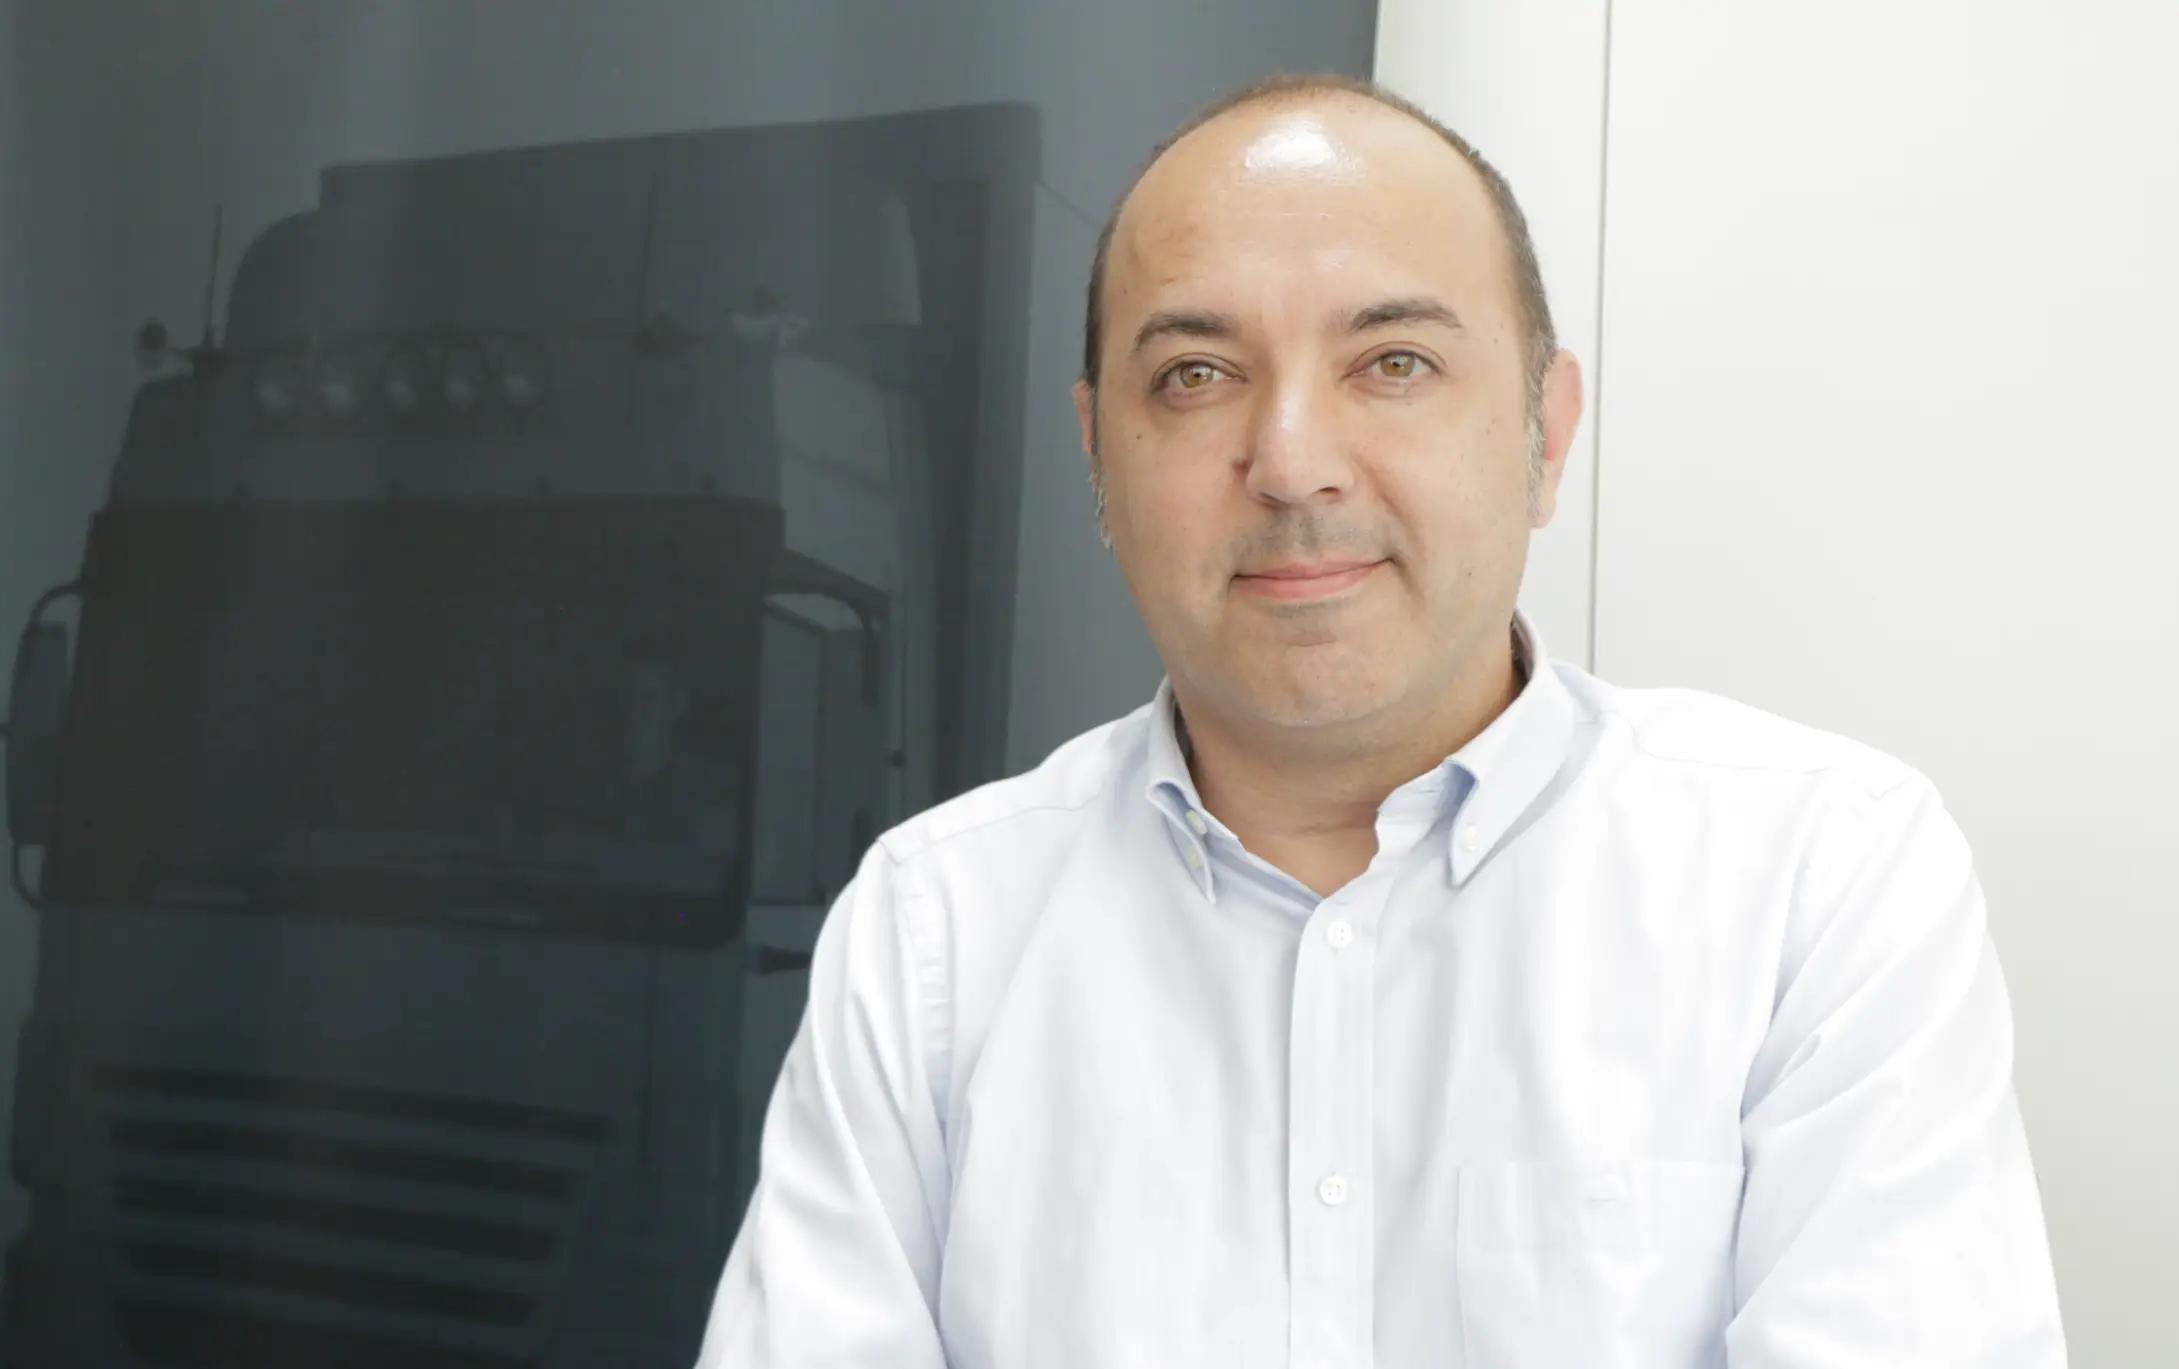 Eduardo de Antonio